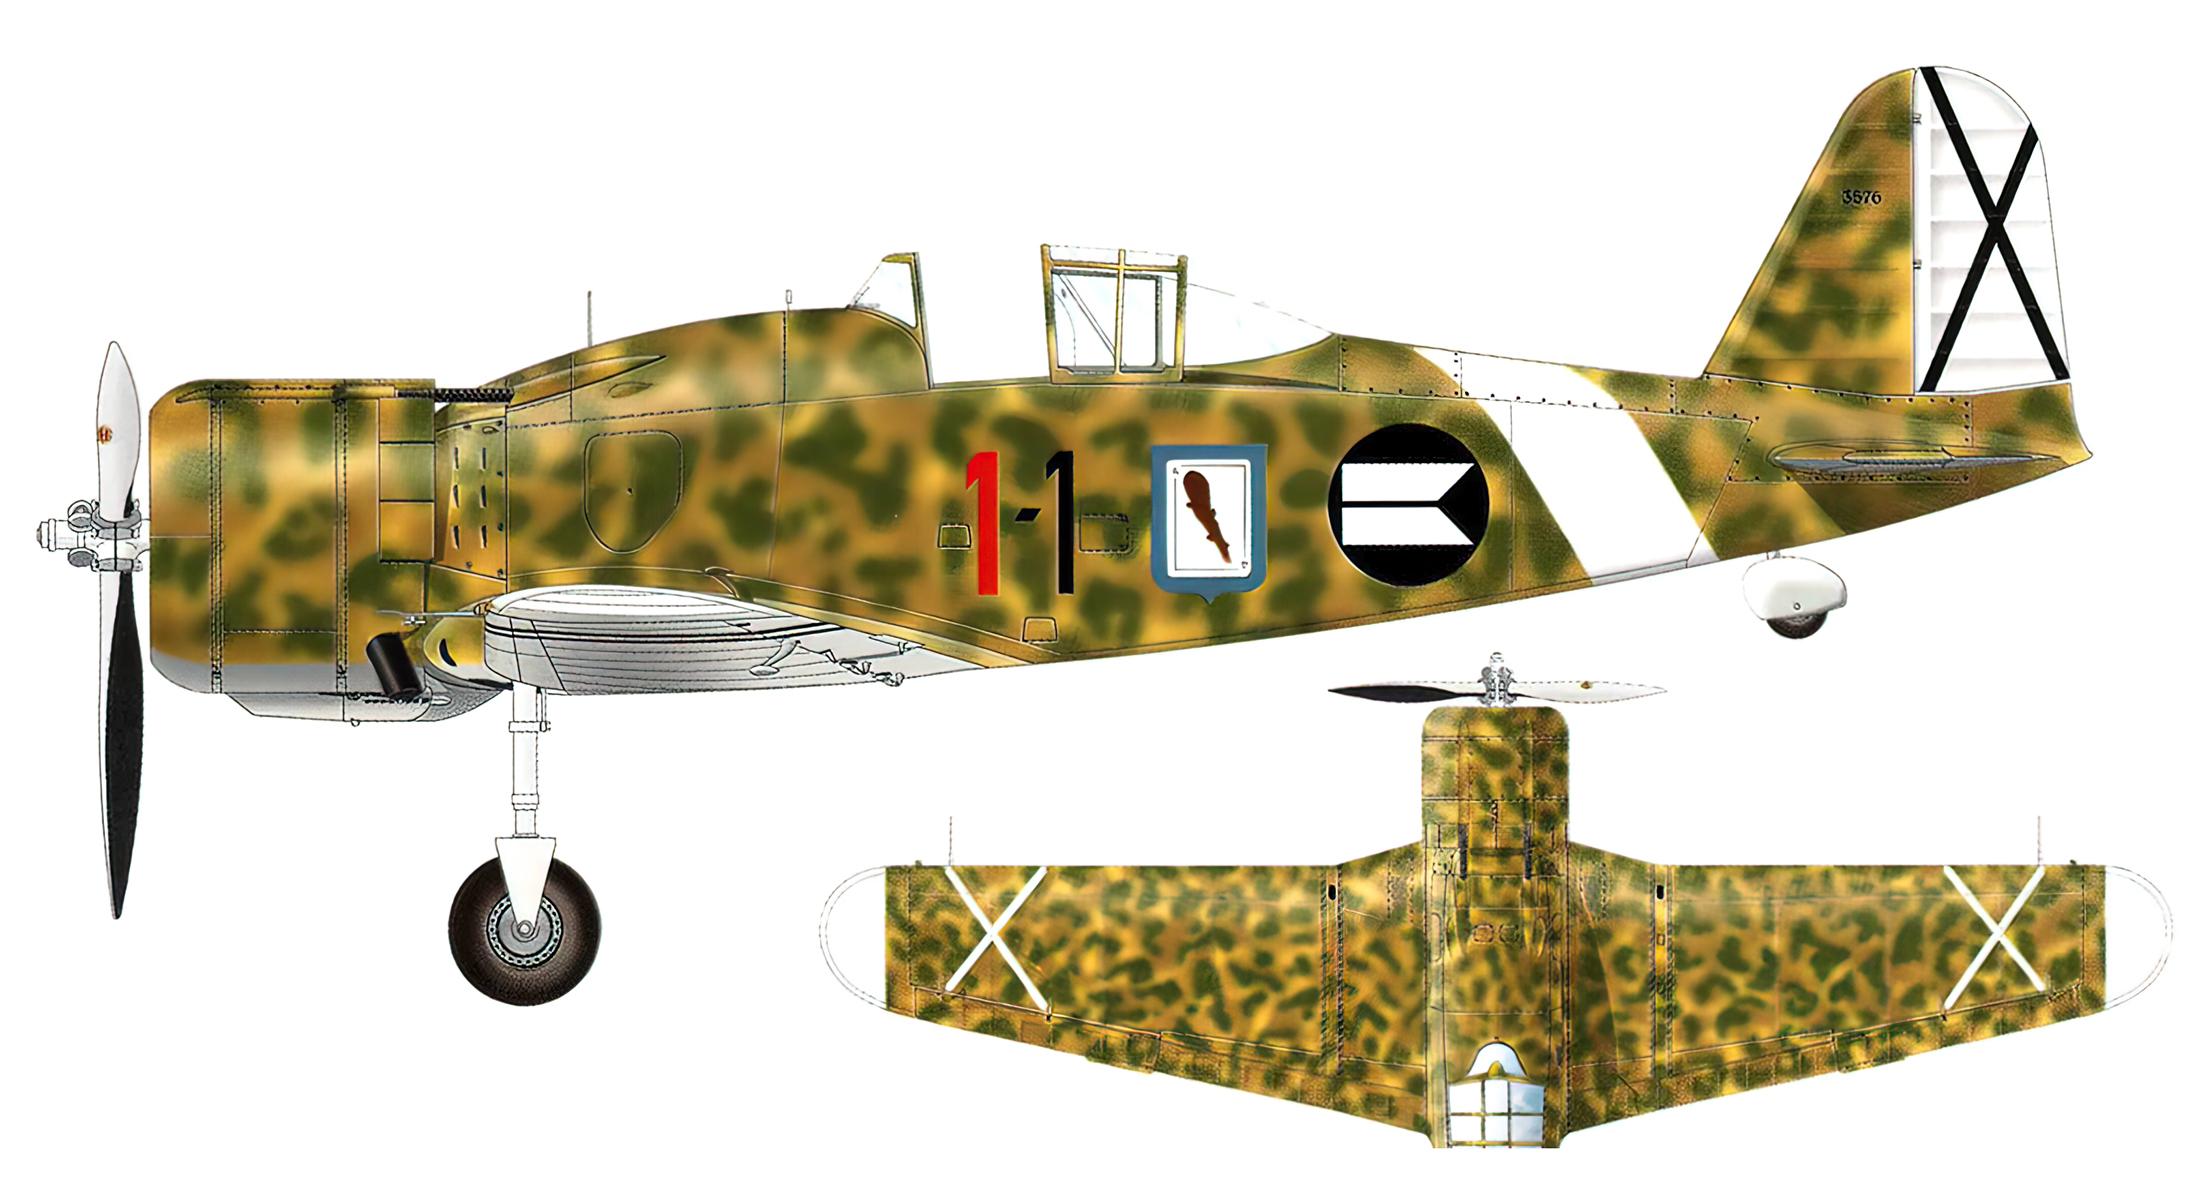 Fiat G50 Aviazione Legionaria 13 Gruppo Caccia 1 MM3576 Mario Bonzano Esciona Spain May 1939 0A